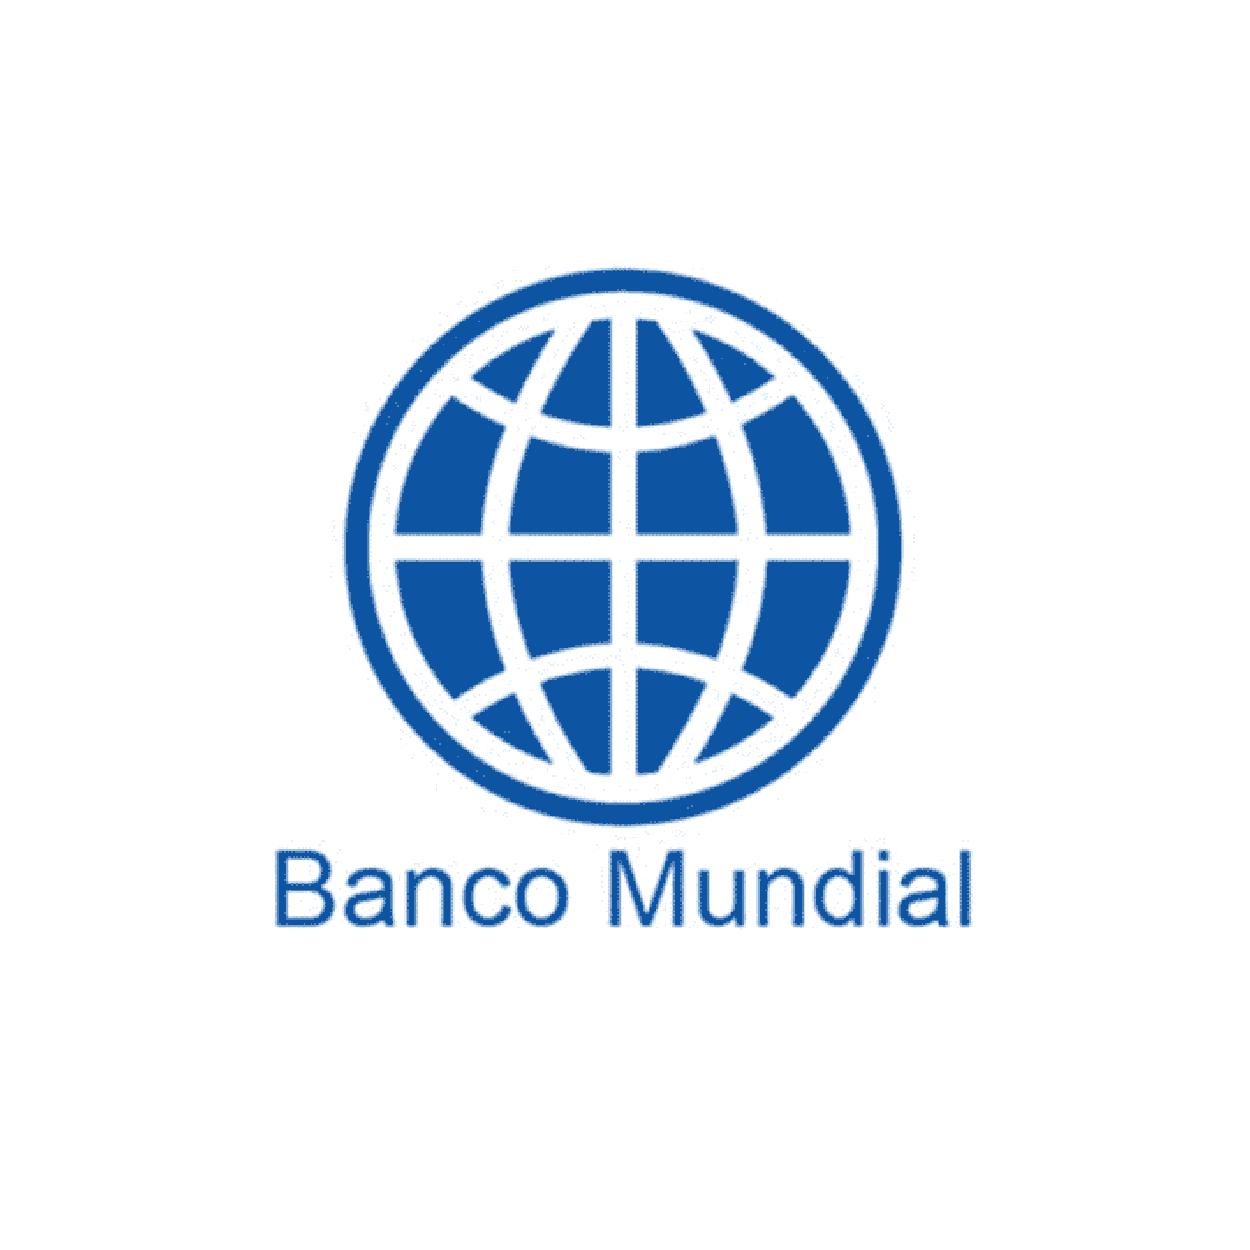 banco_mundial.png